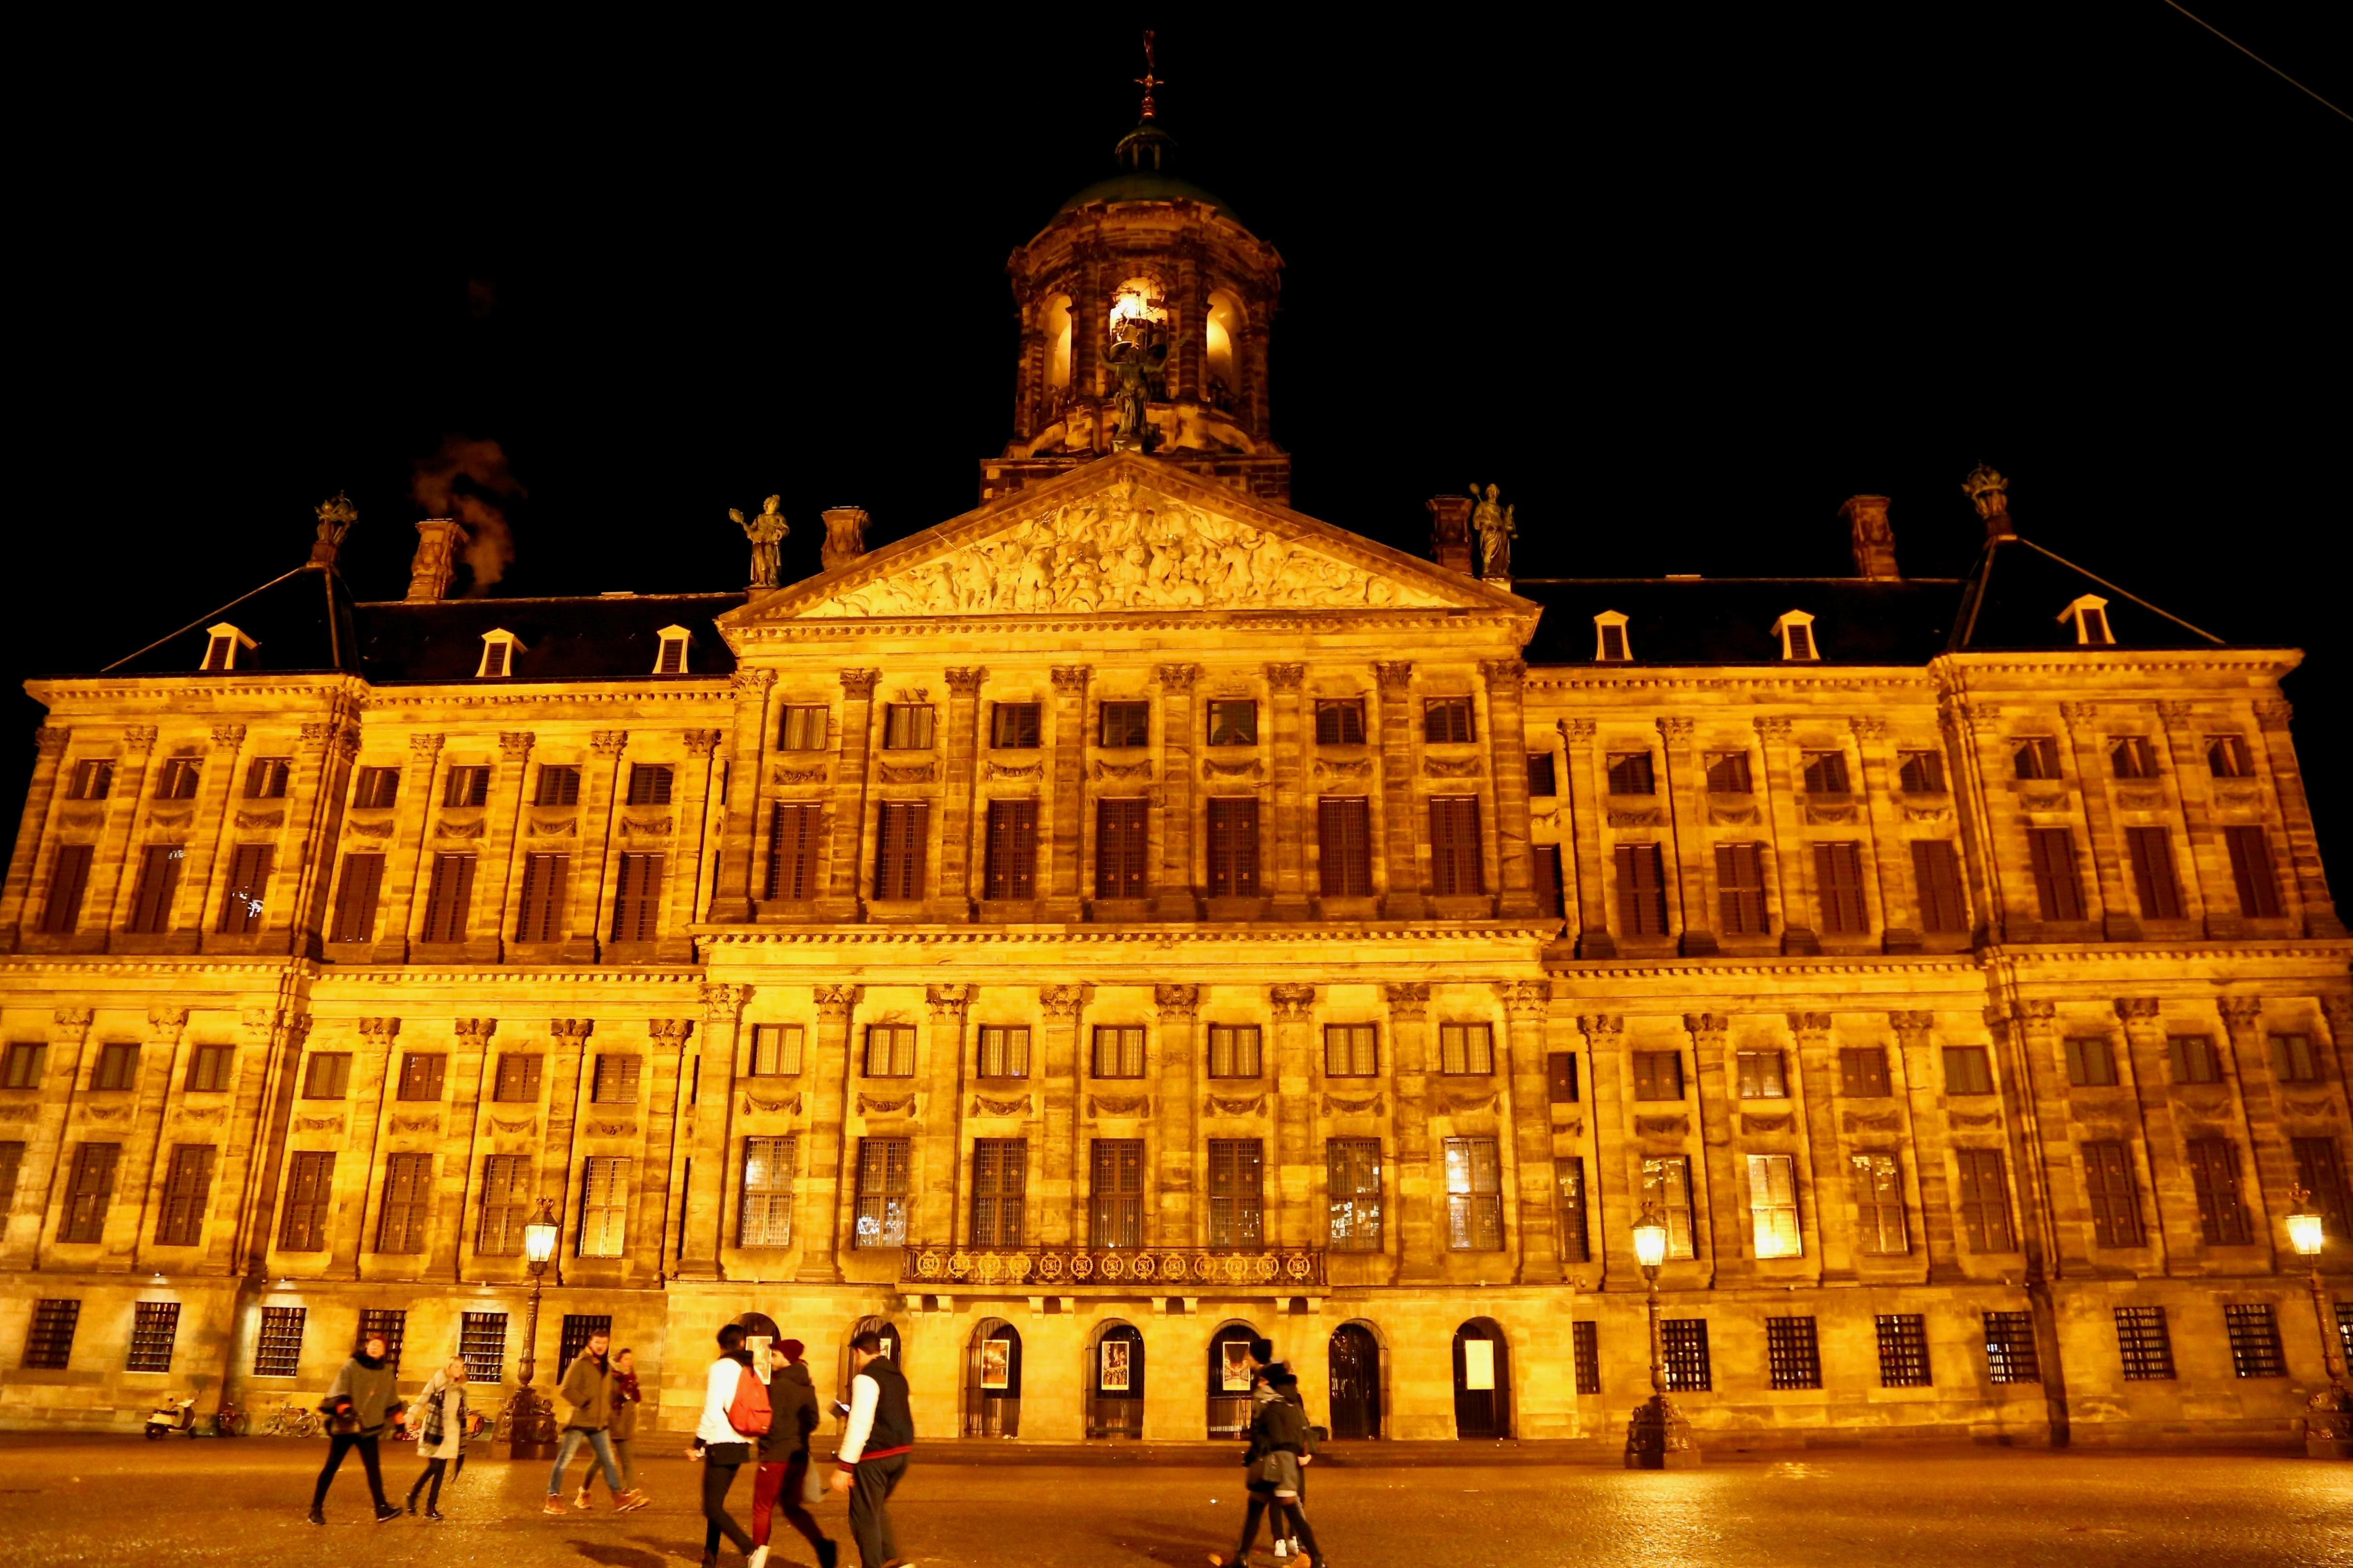 アムステルダム 王宮  夜景